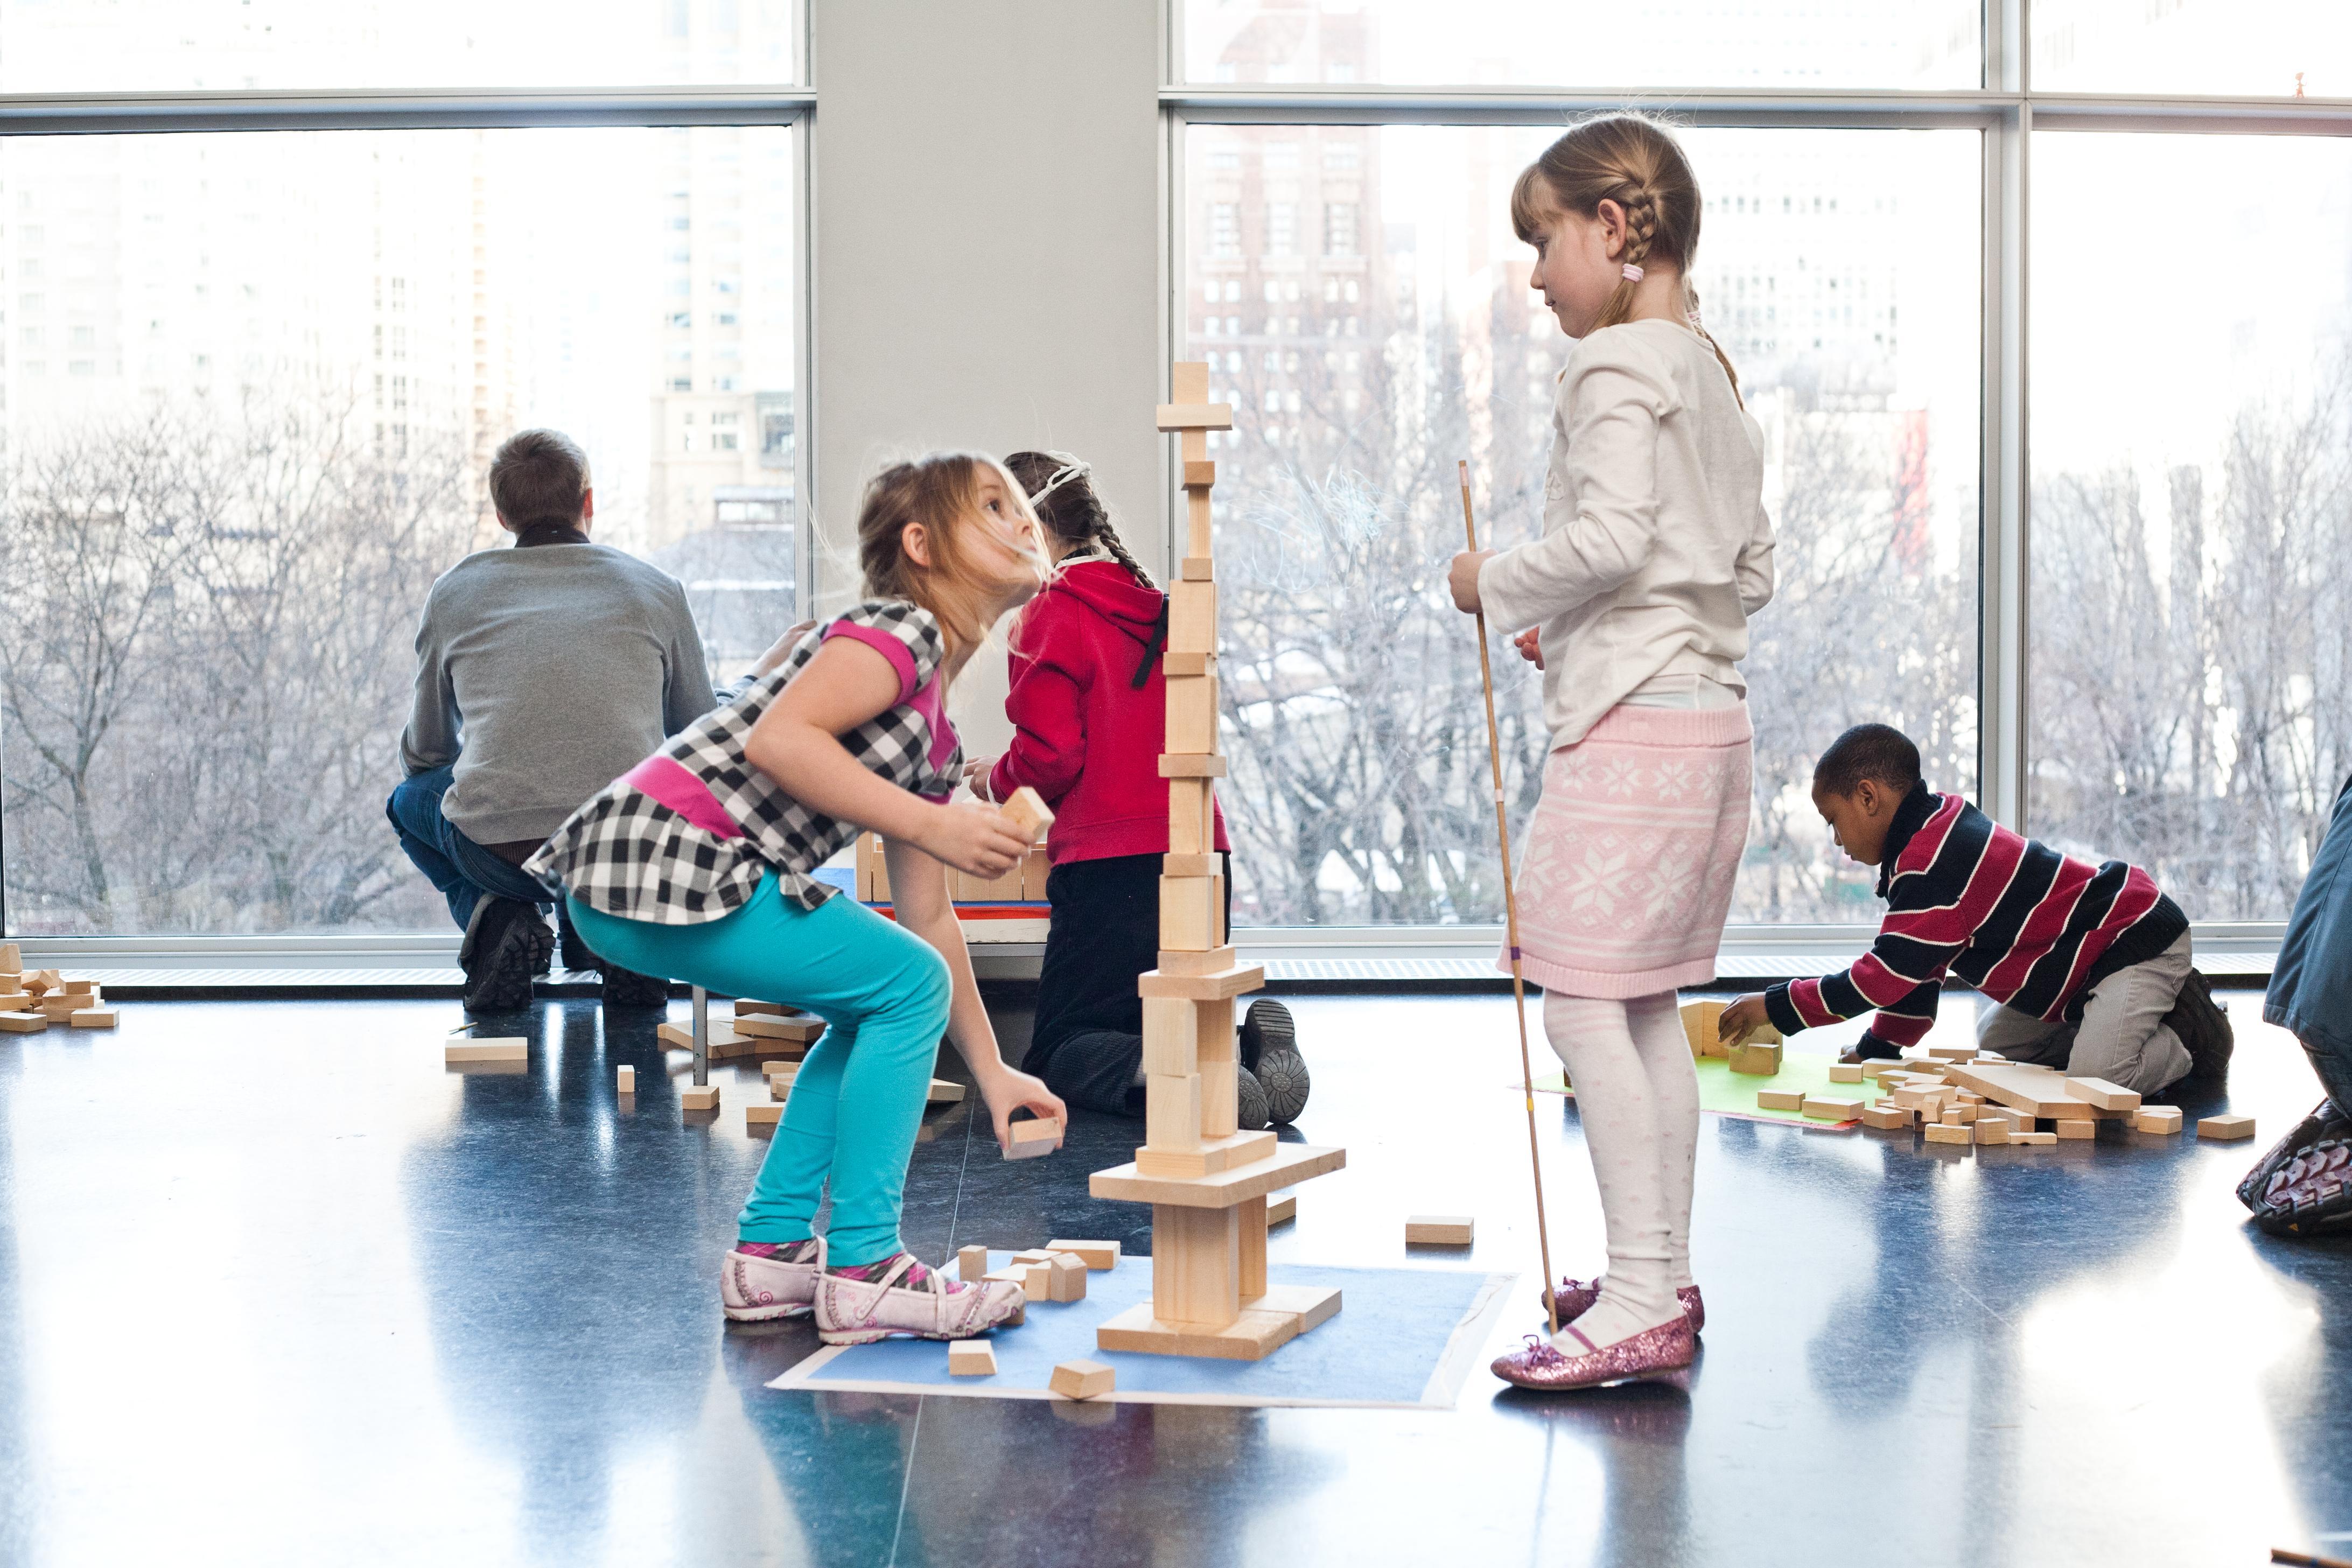 In an open indoor space, children play with wooden building blocks on the floor.